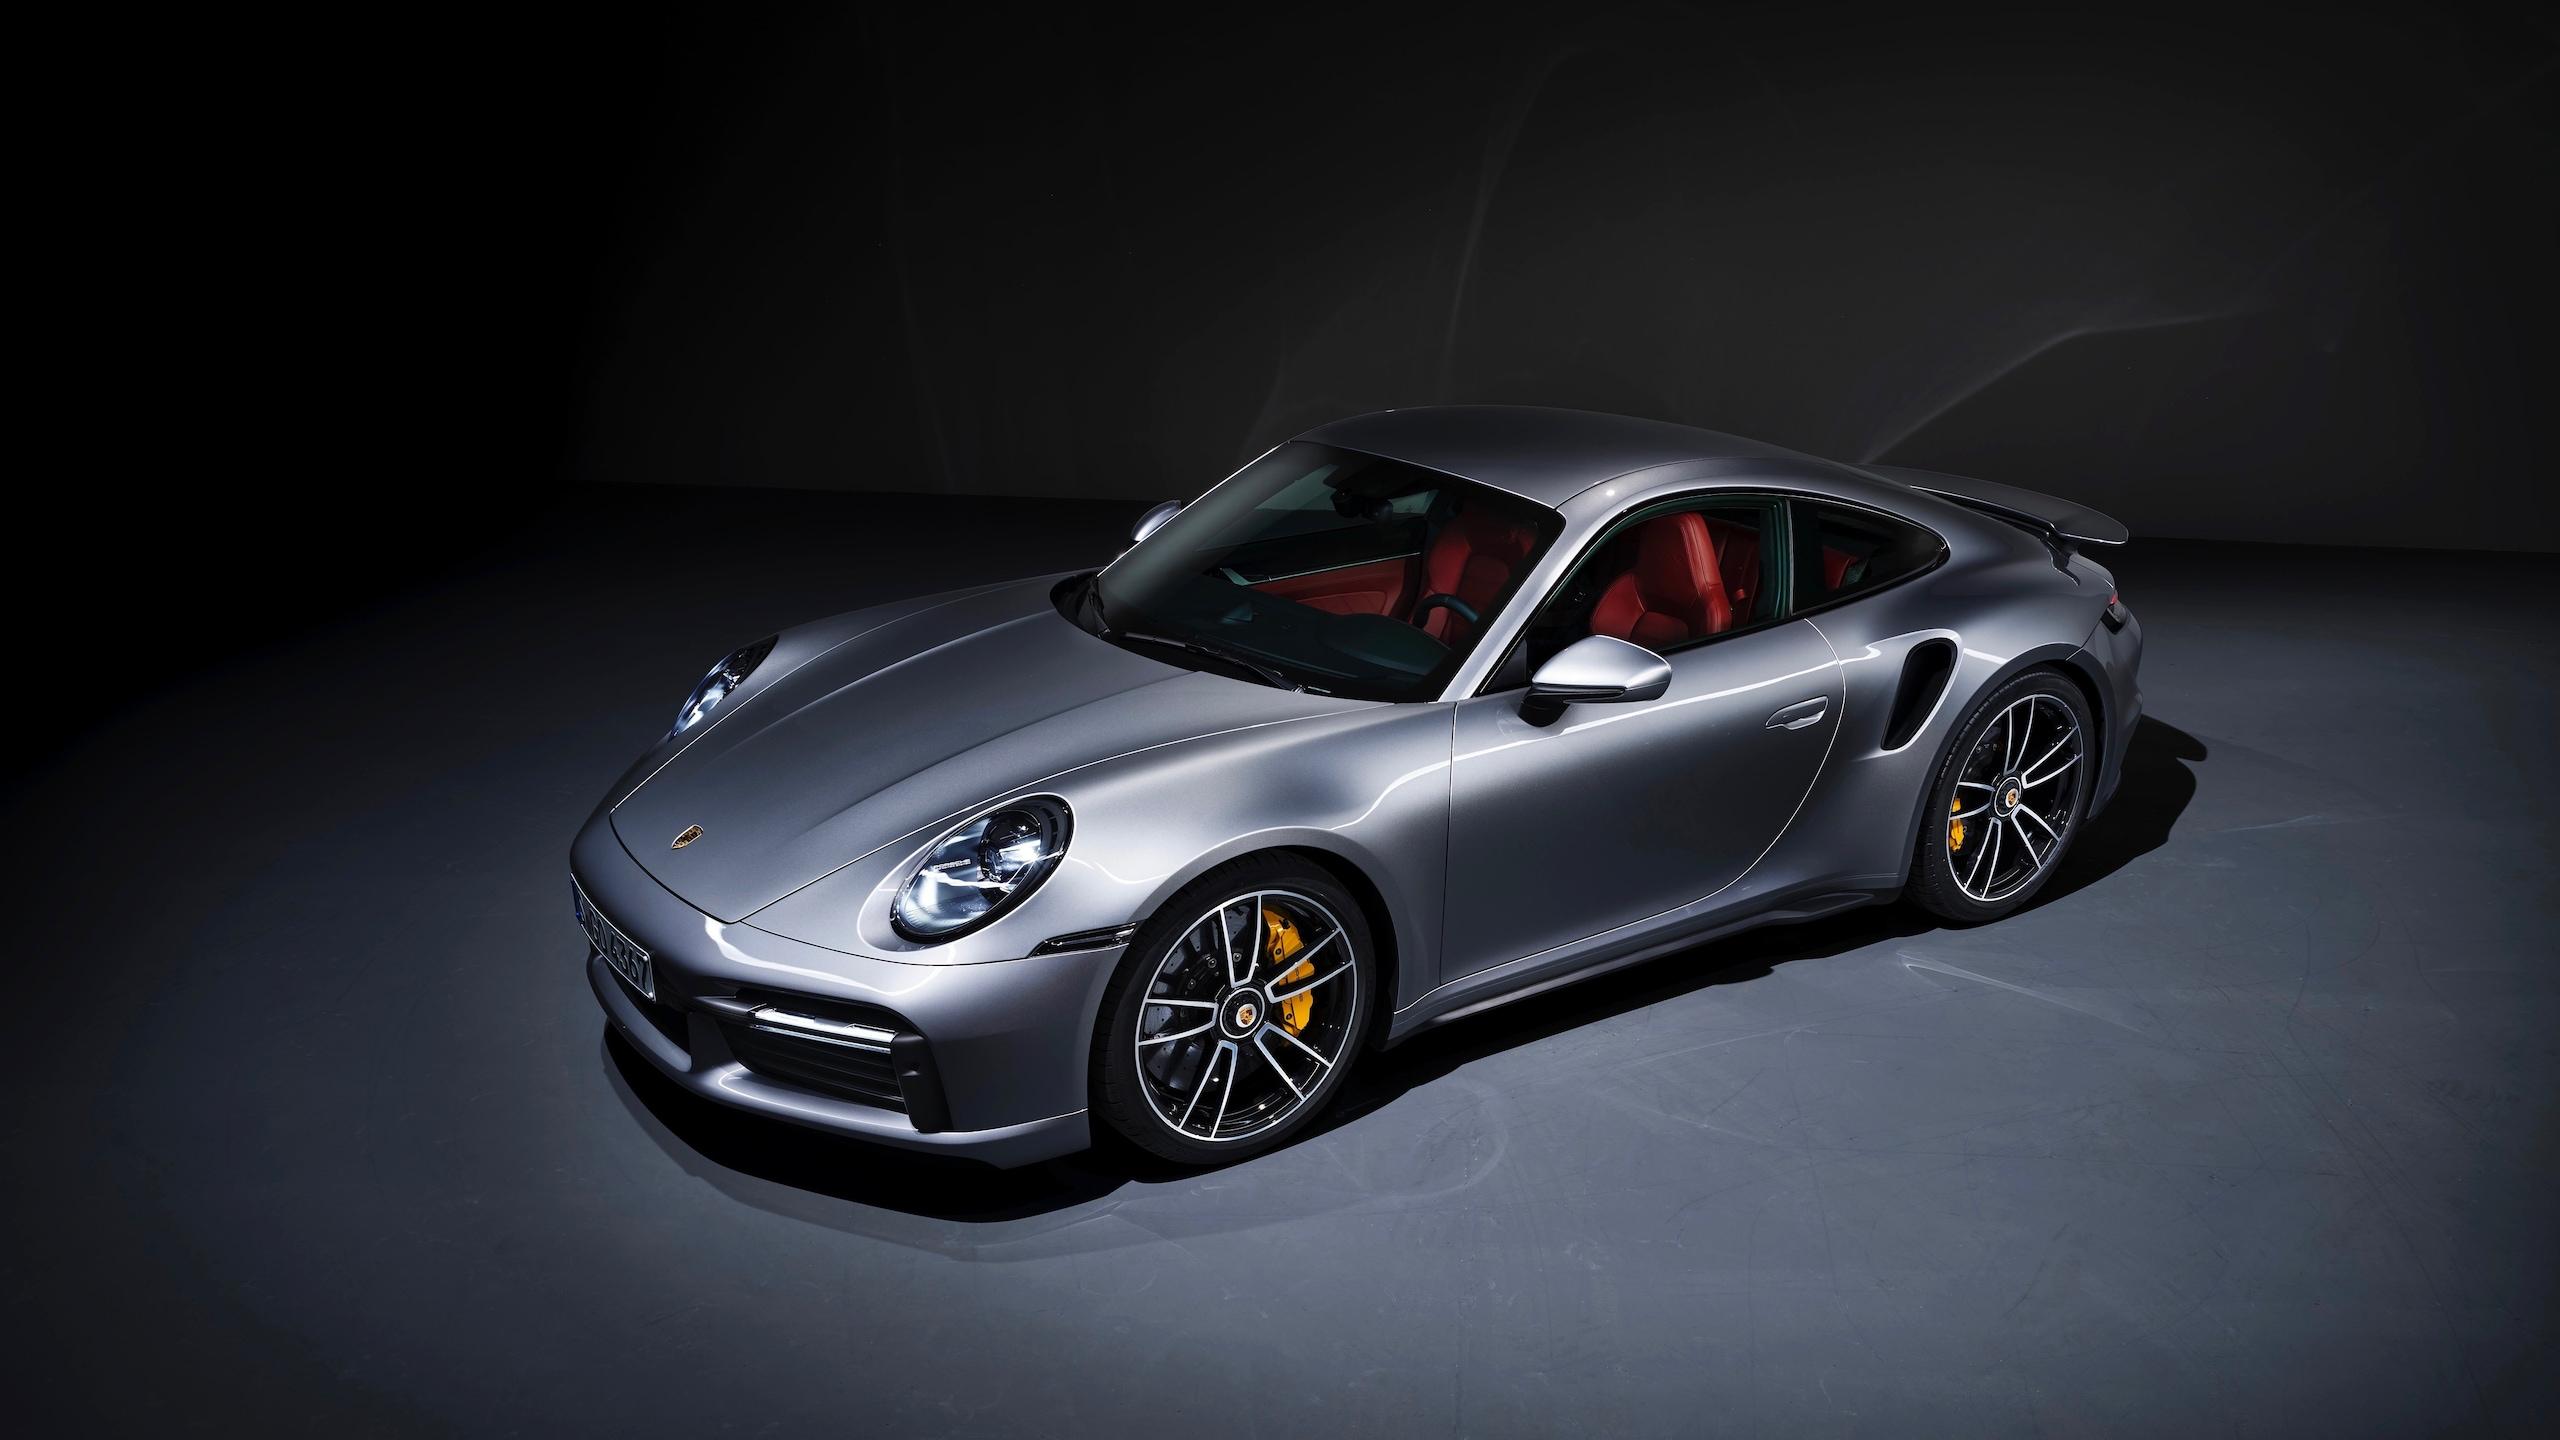 Nuova Porsche 911 Turbo S Coupé: le immagini